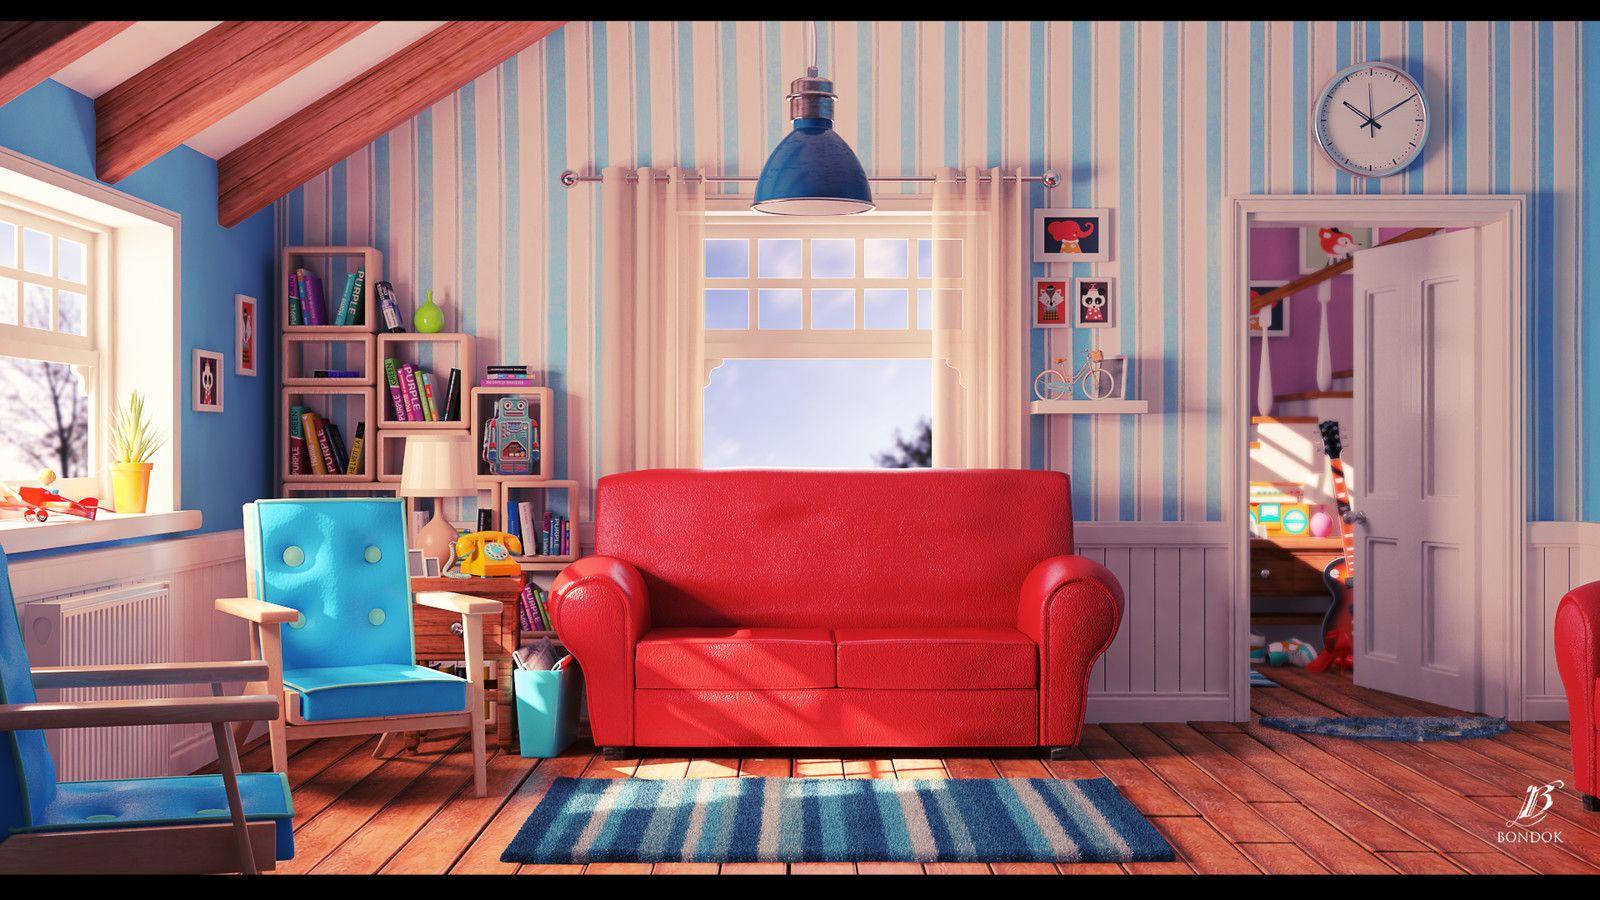 Cartoon Living Room Bondok Max On Artstation At Https Www